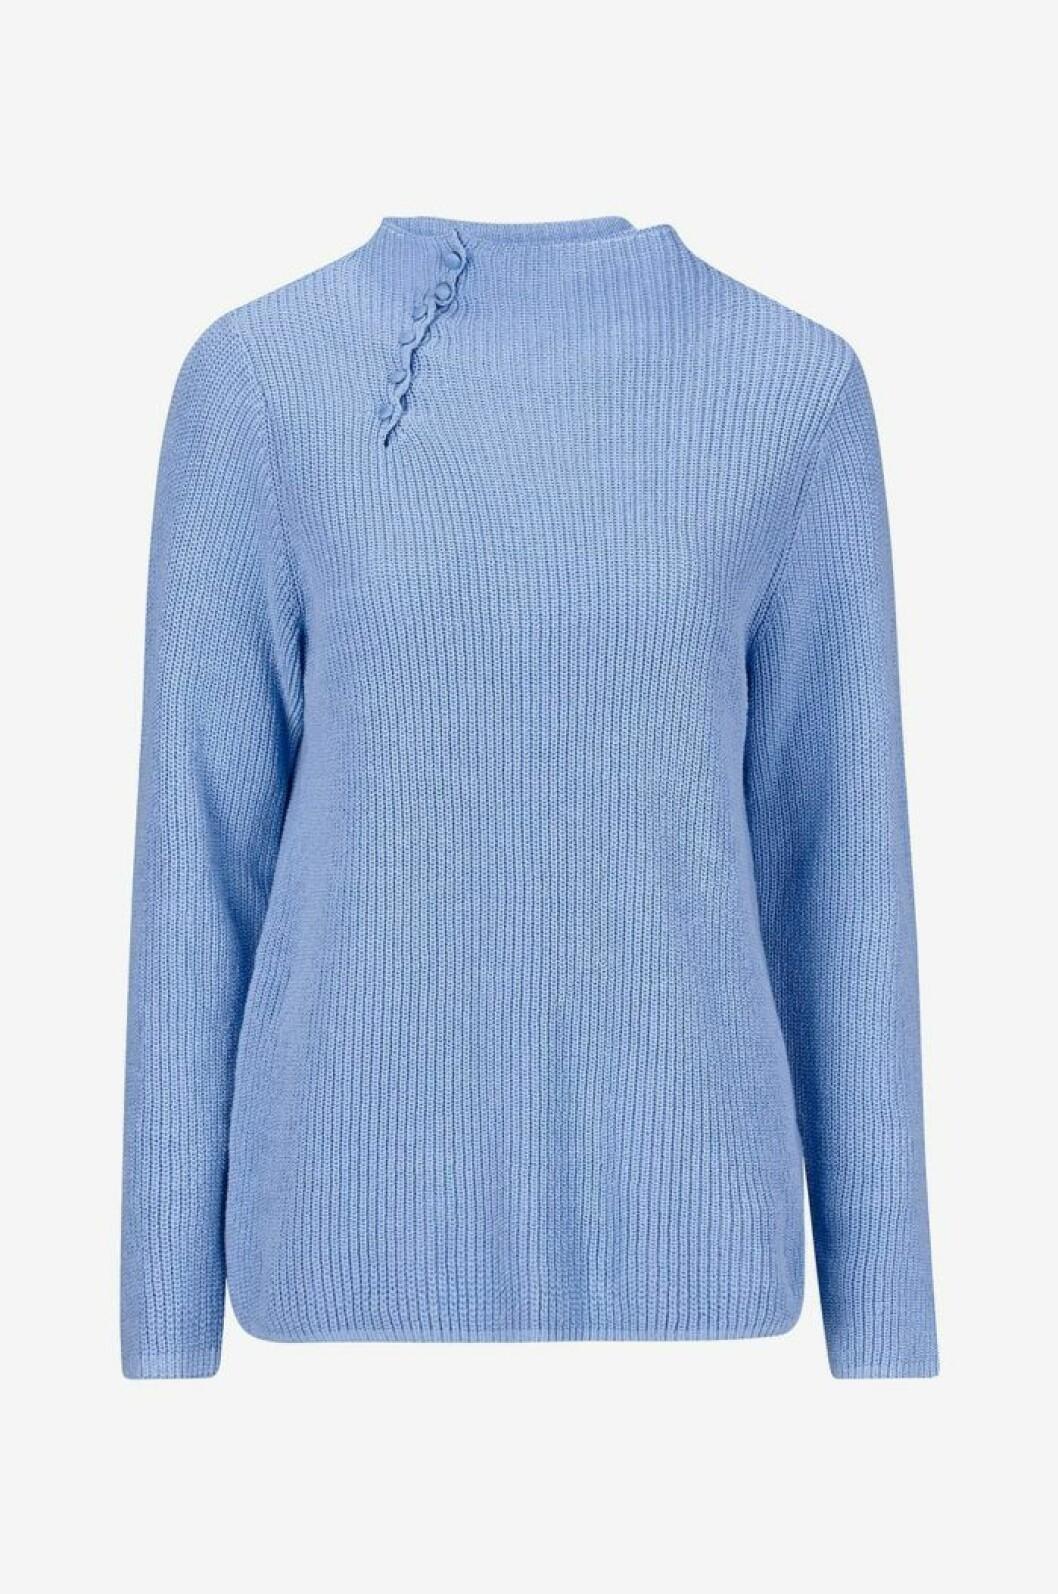 Ljusblå stickad tröja från Ellos, Jeanne Damas